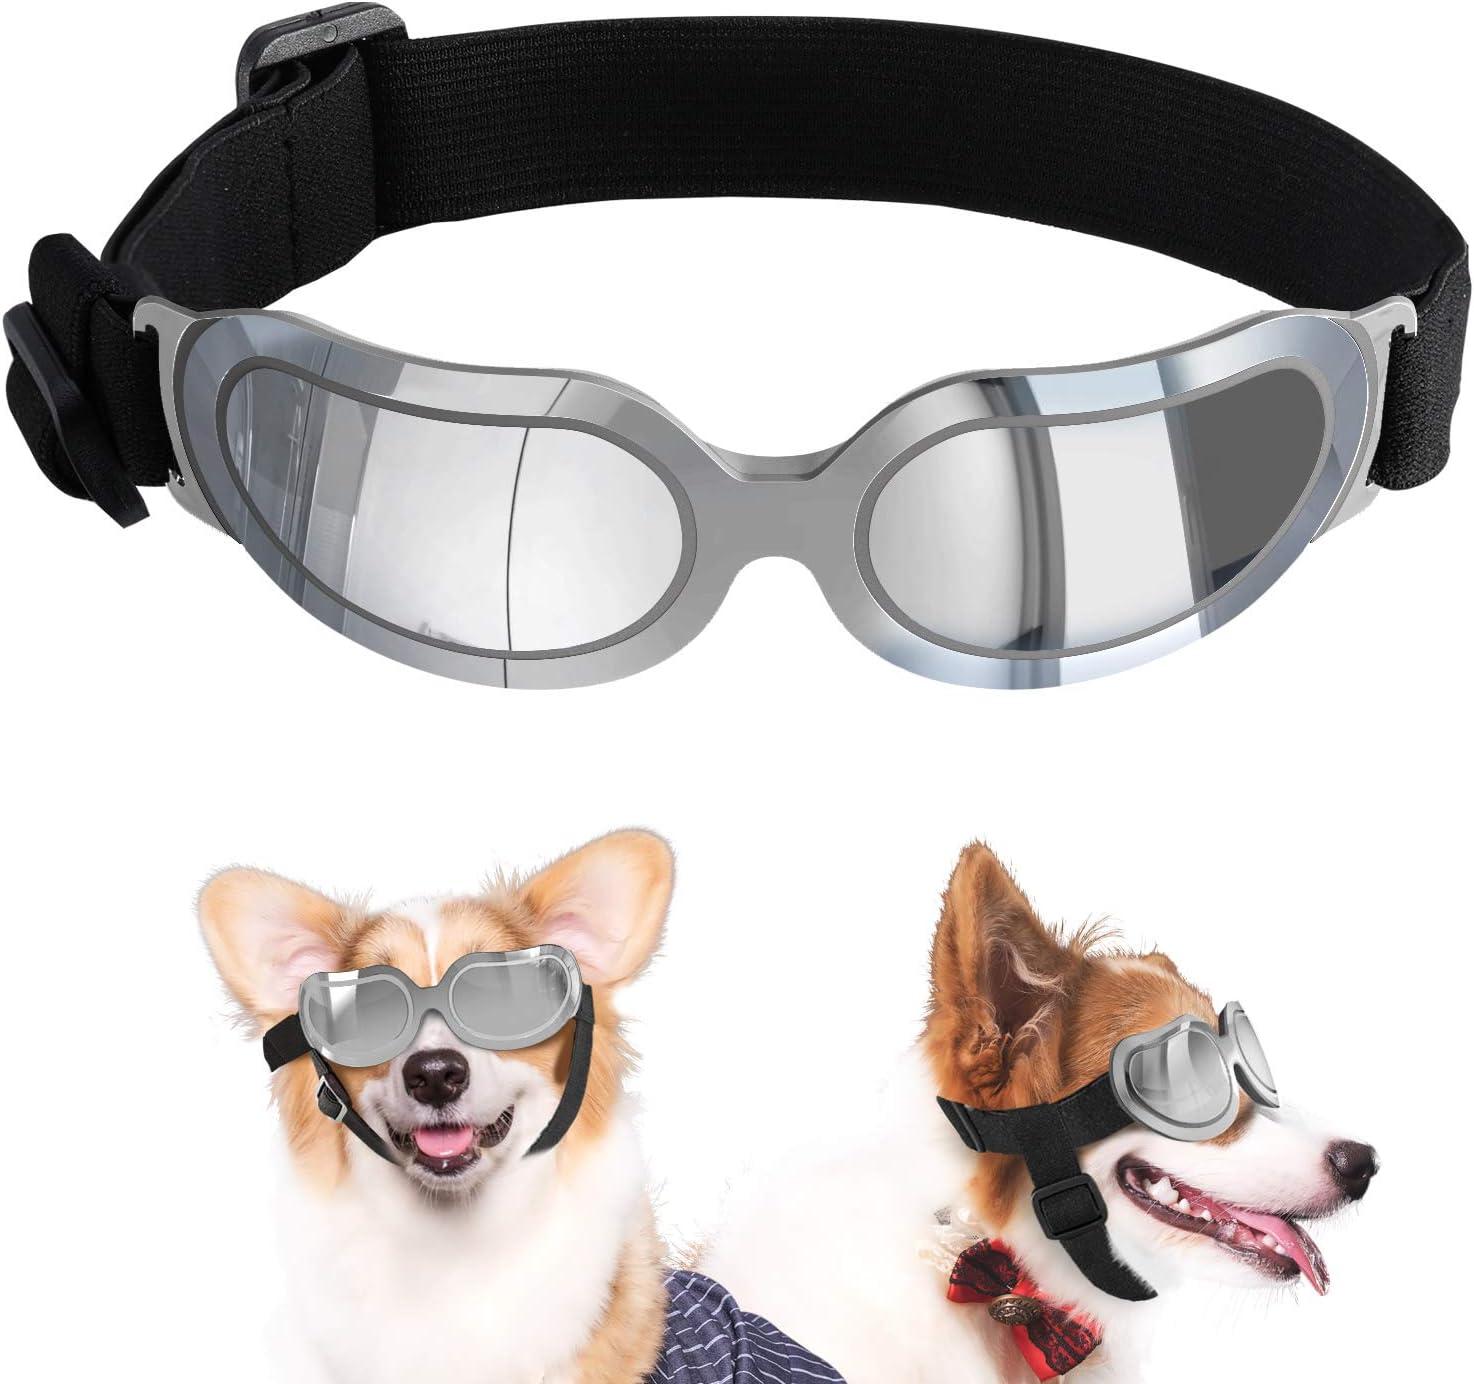 VavoPaw Gafas de Sol para Perros Pequeños, Anteojos Protectores Impermeables contra UV Viento Polvo con Lentes Claros Bandas Elásticas Ajustables para Coches Viajes Fiestas Cachorros Perritos, Plata